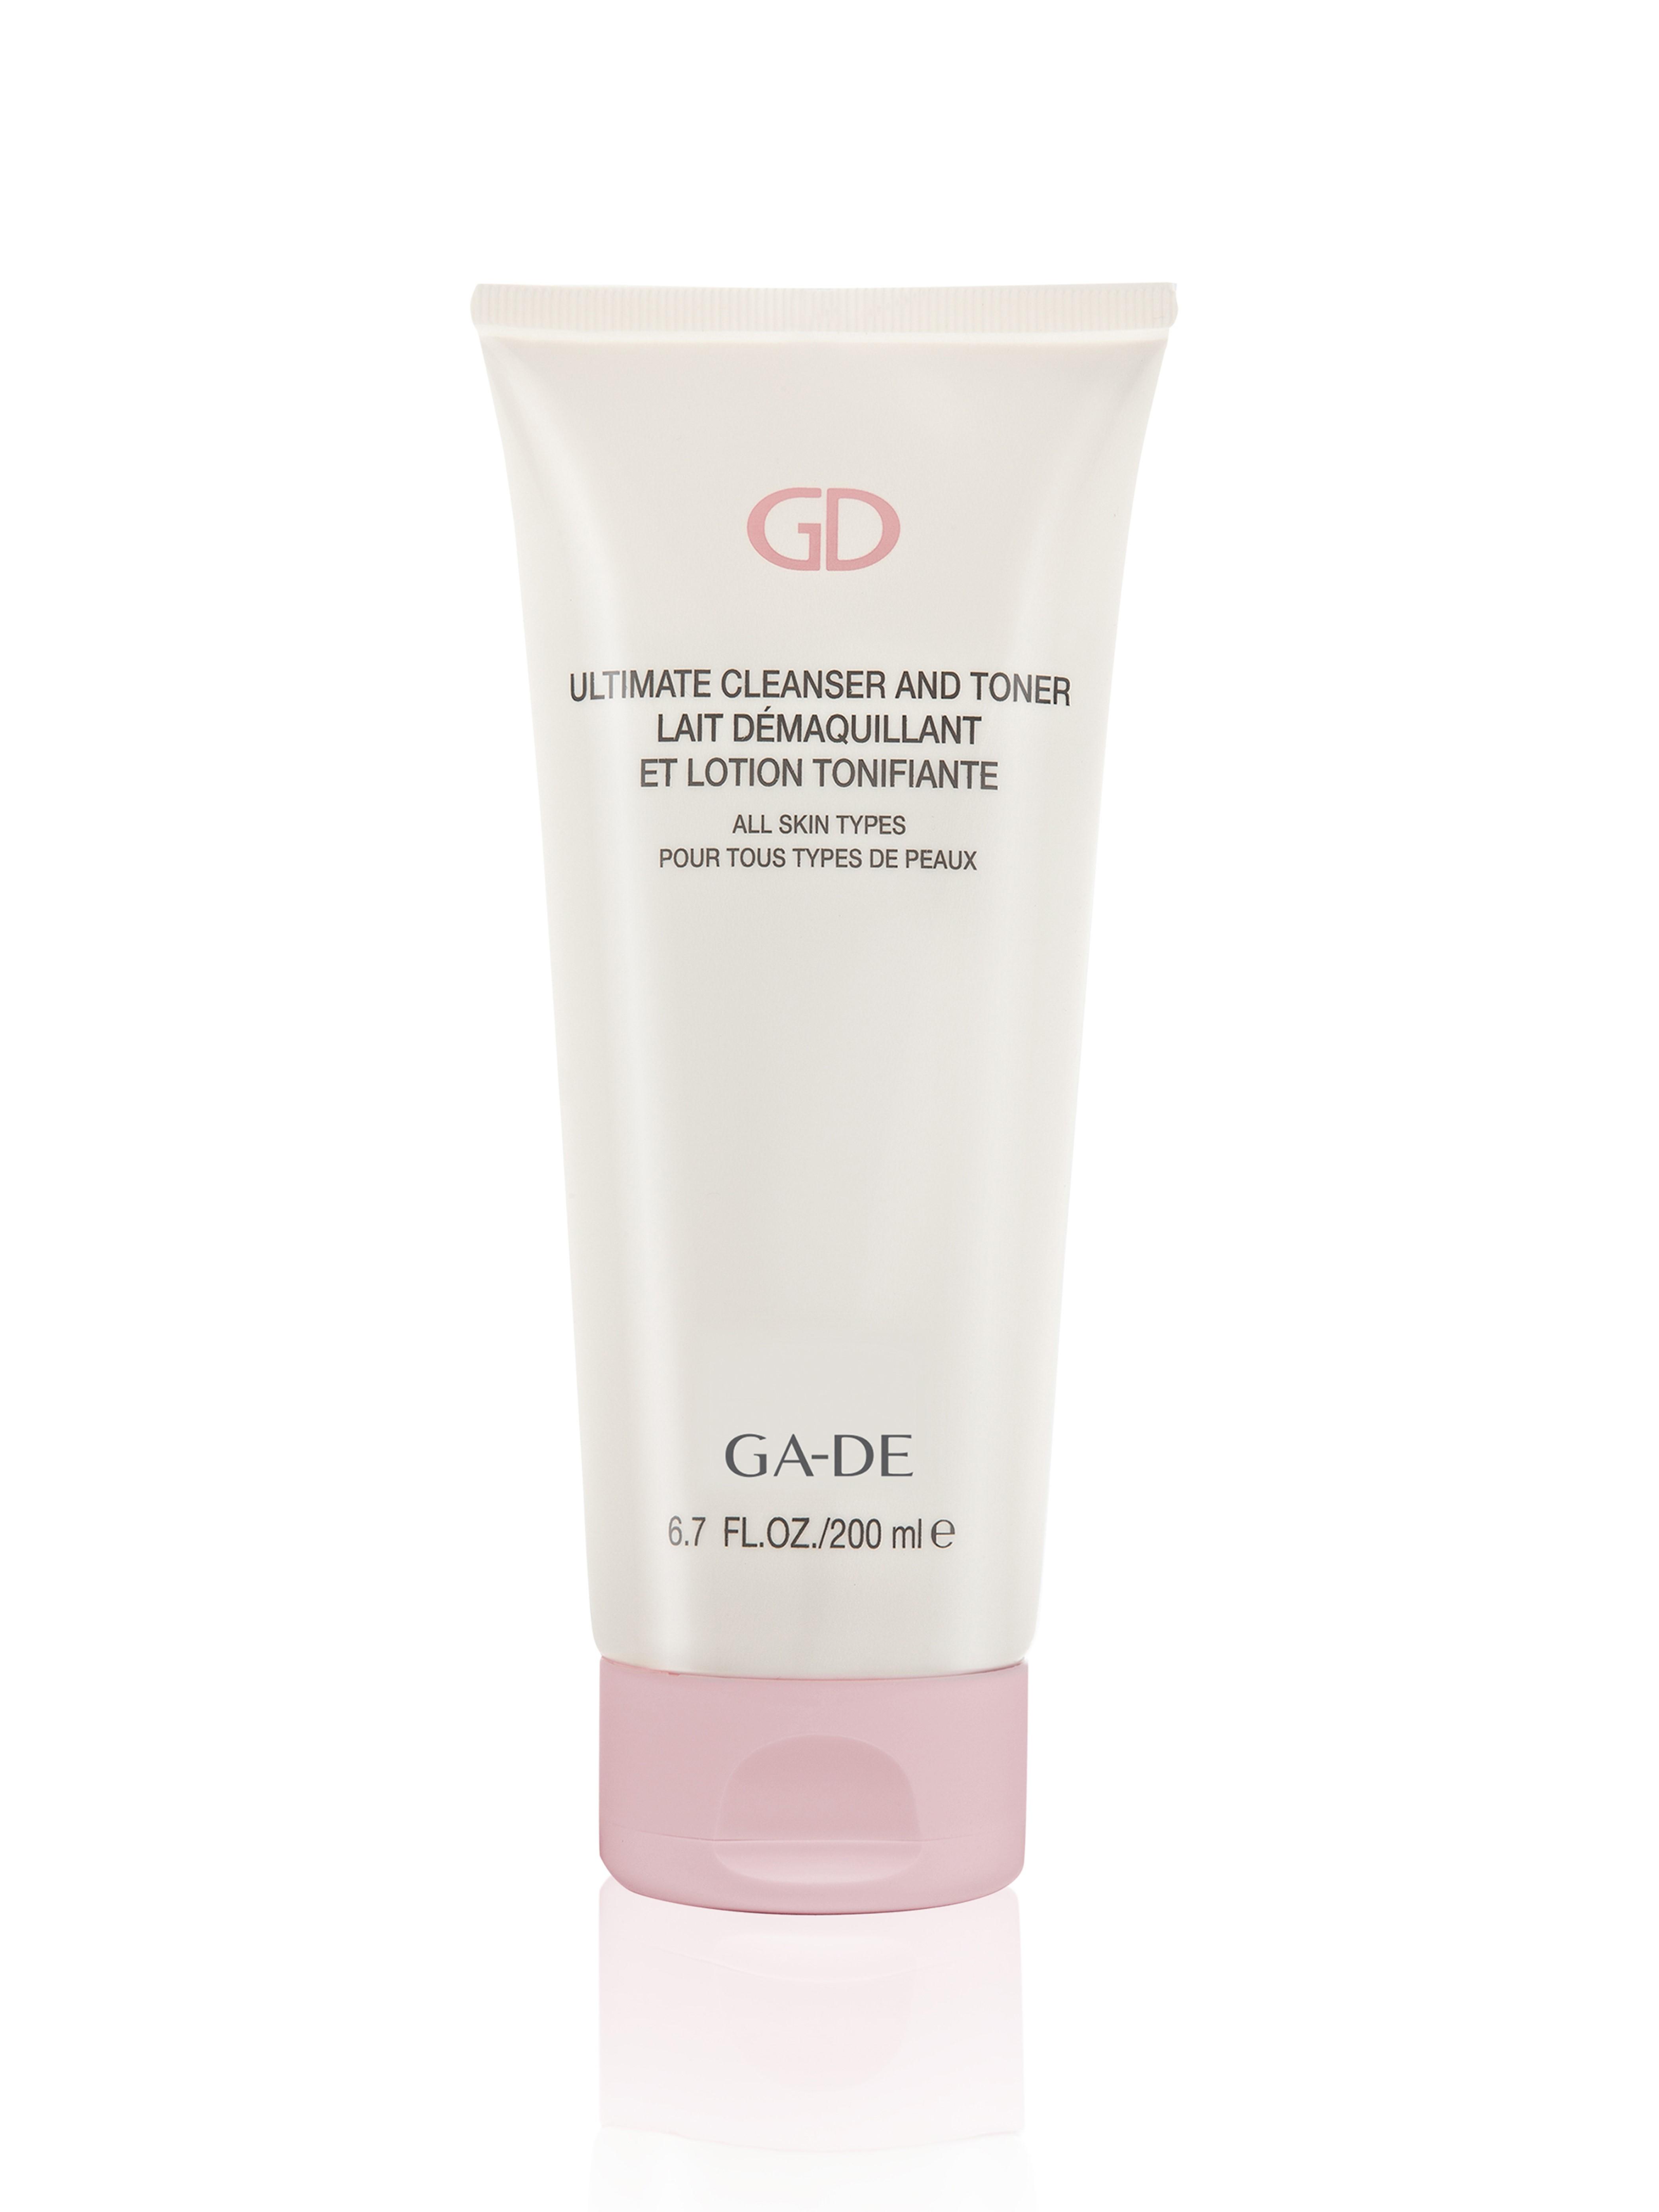 GA-DE Средство очищающее и тонизирующее для всех типов кожи / ULTIMATE CLEANSER AND TONER 200мл